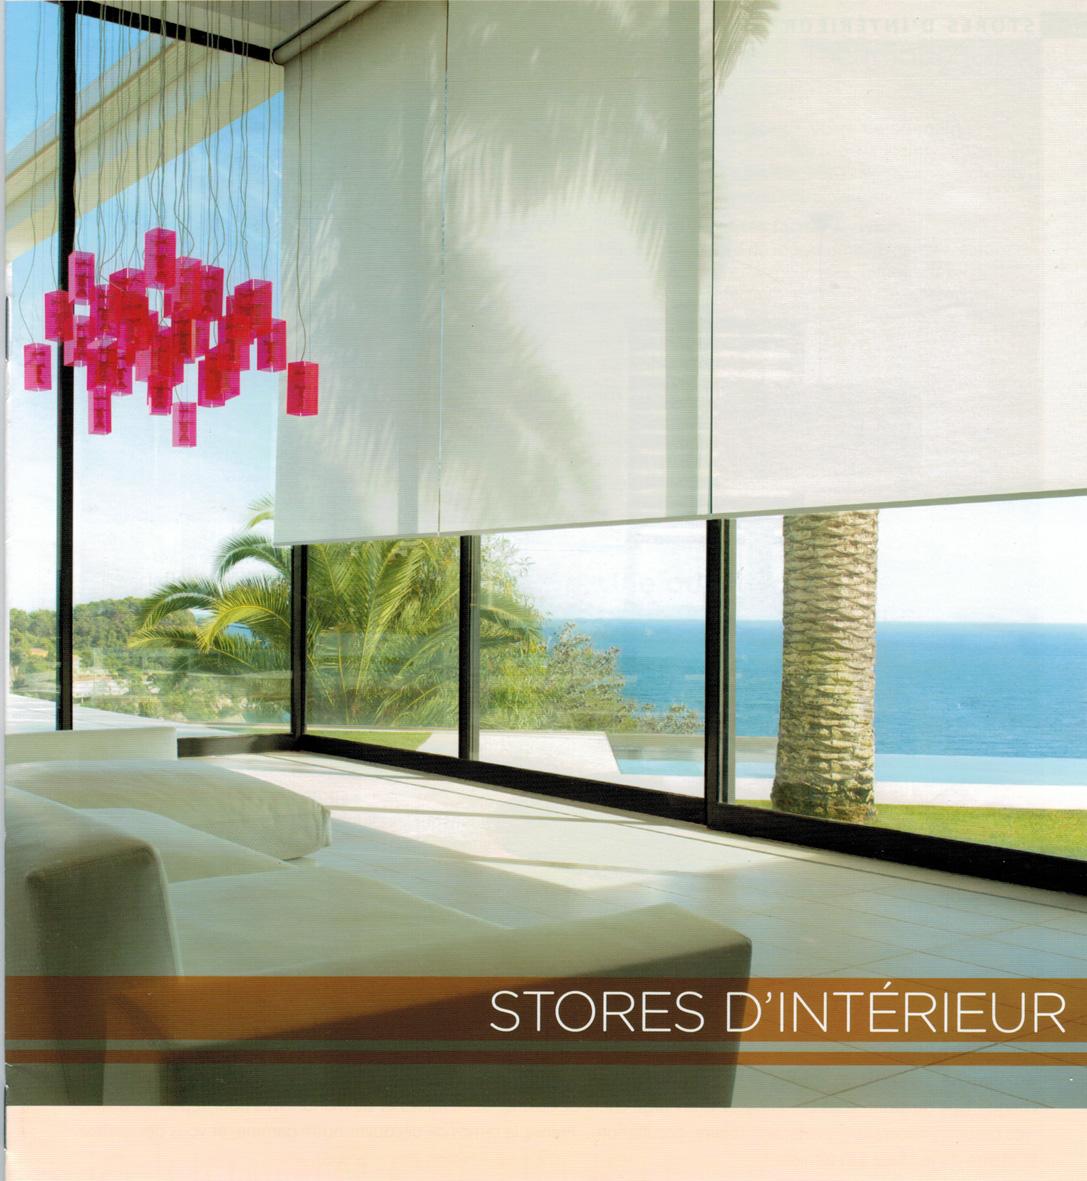 stores interieur